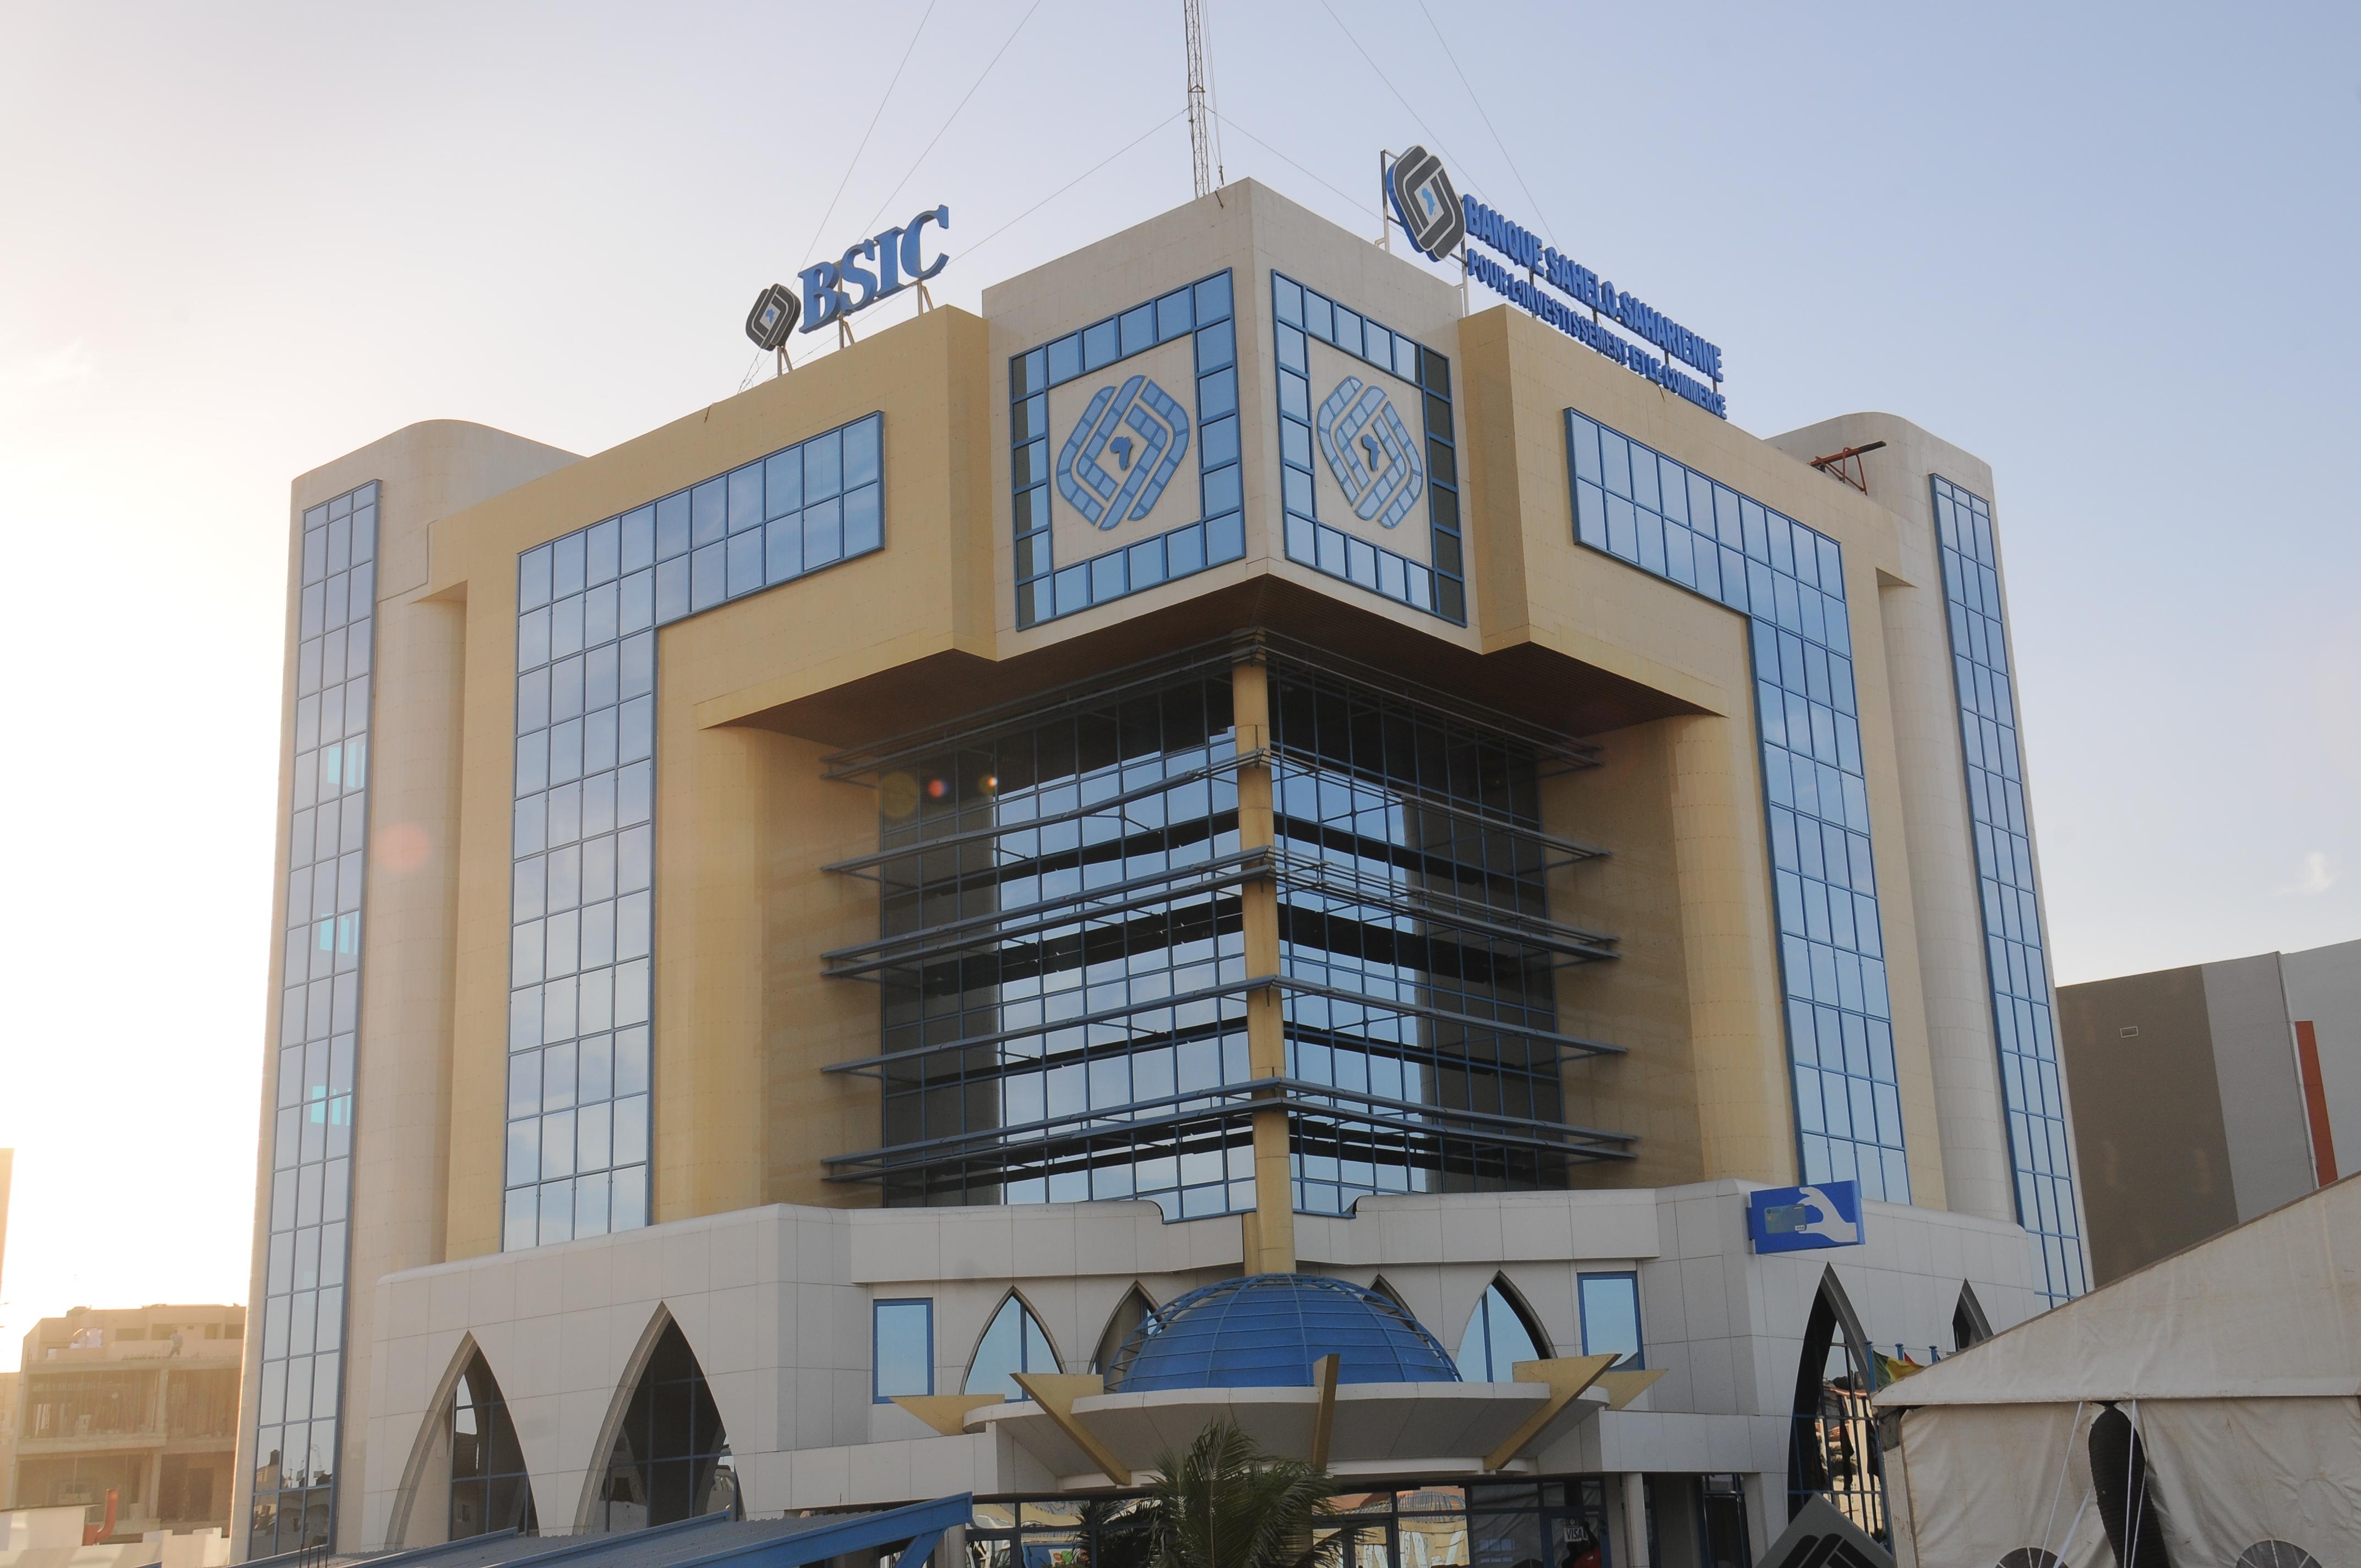 La BSIC inaugure son nouveau siège sur la VDN